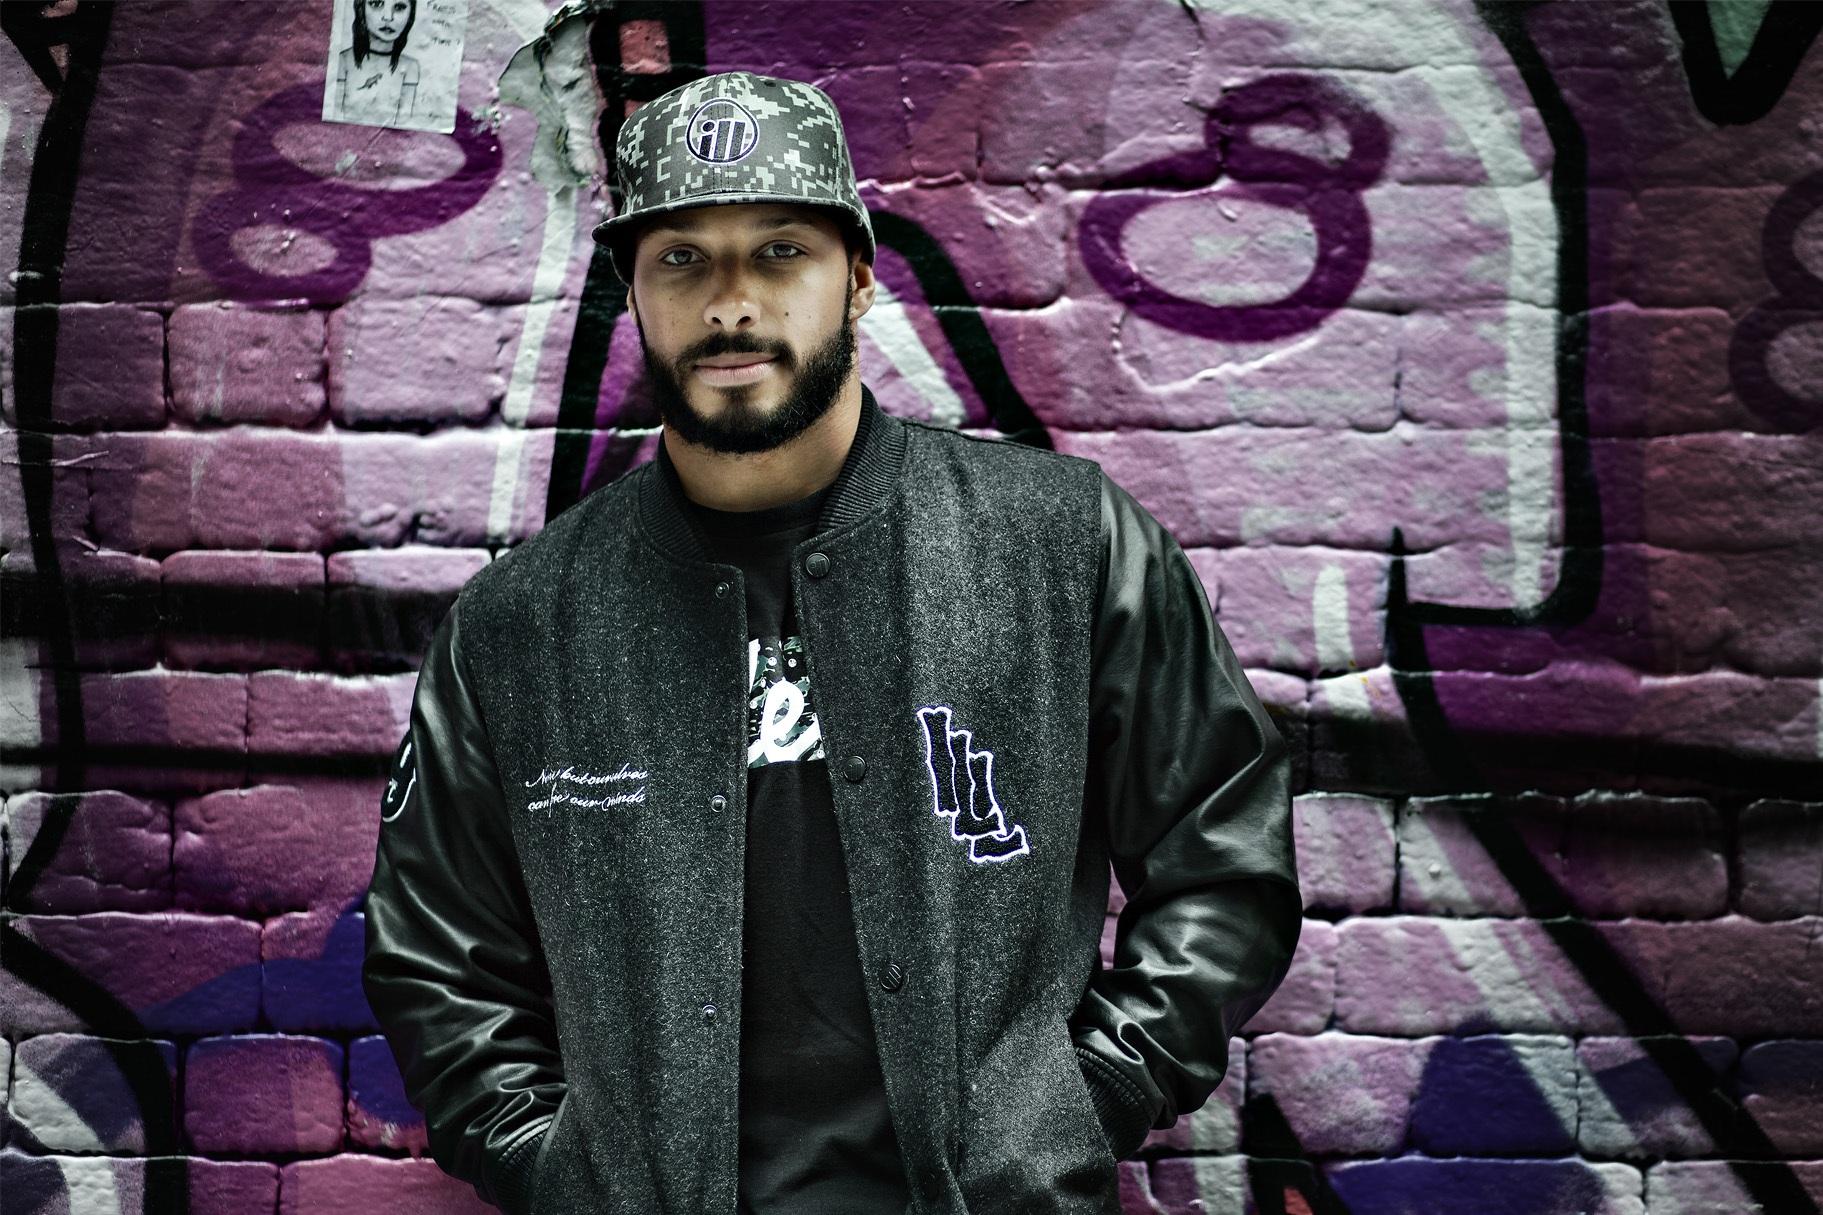 Kareem-Illest-Bboy-Melbourne-Graffiti.jpg